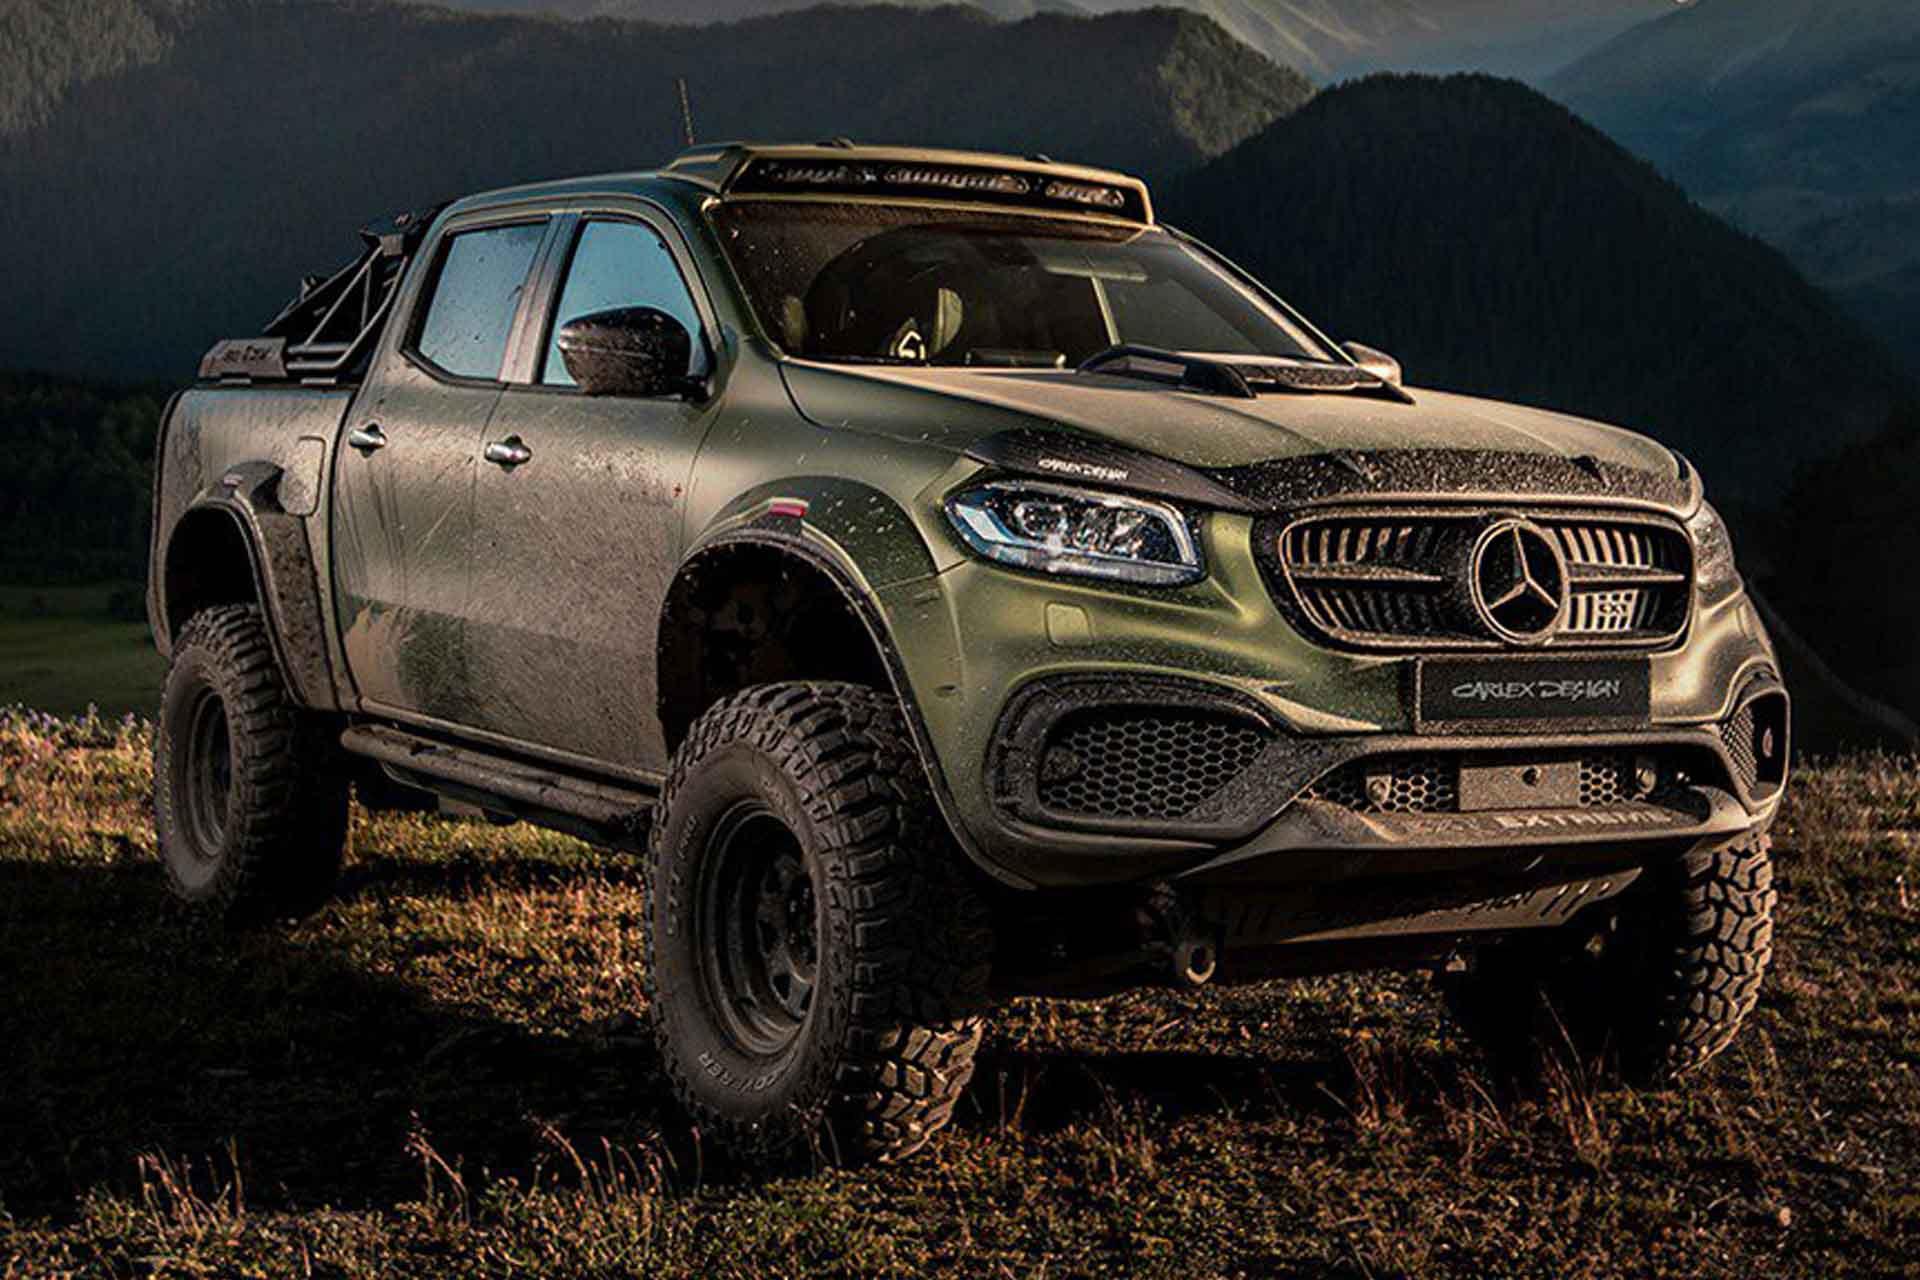 Carlex Design Exy Extreme Mercedes Truck